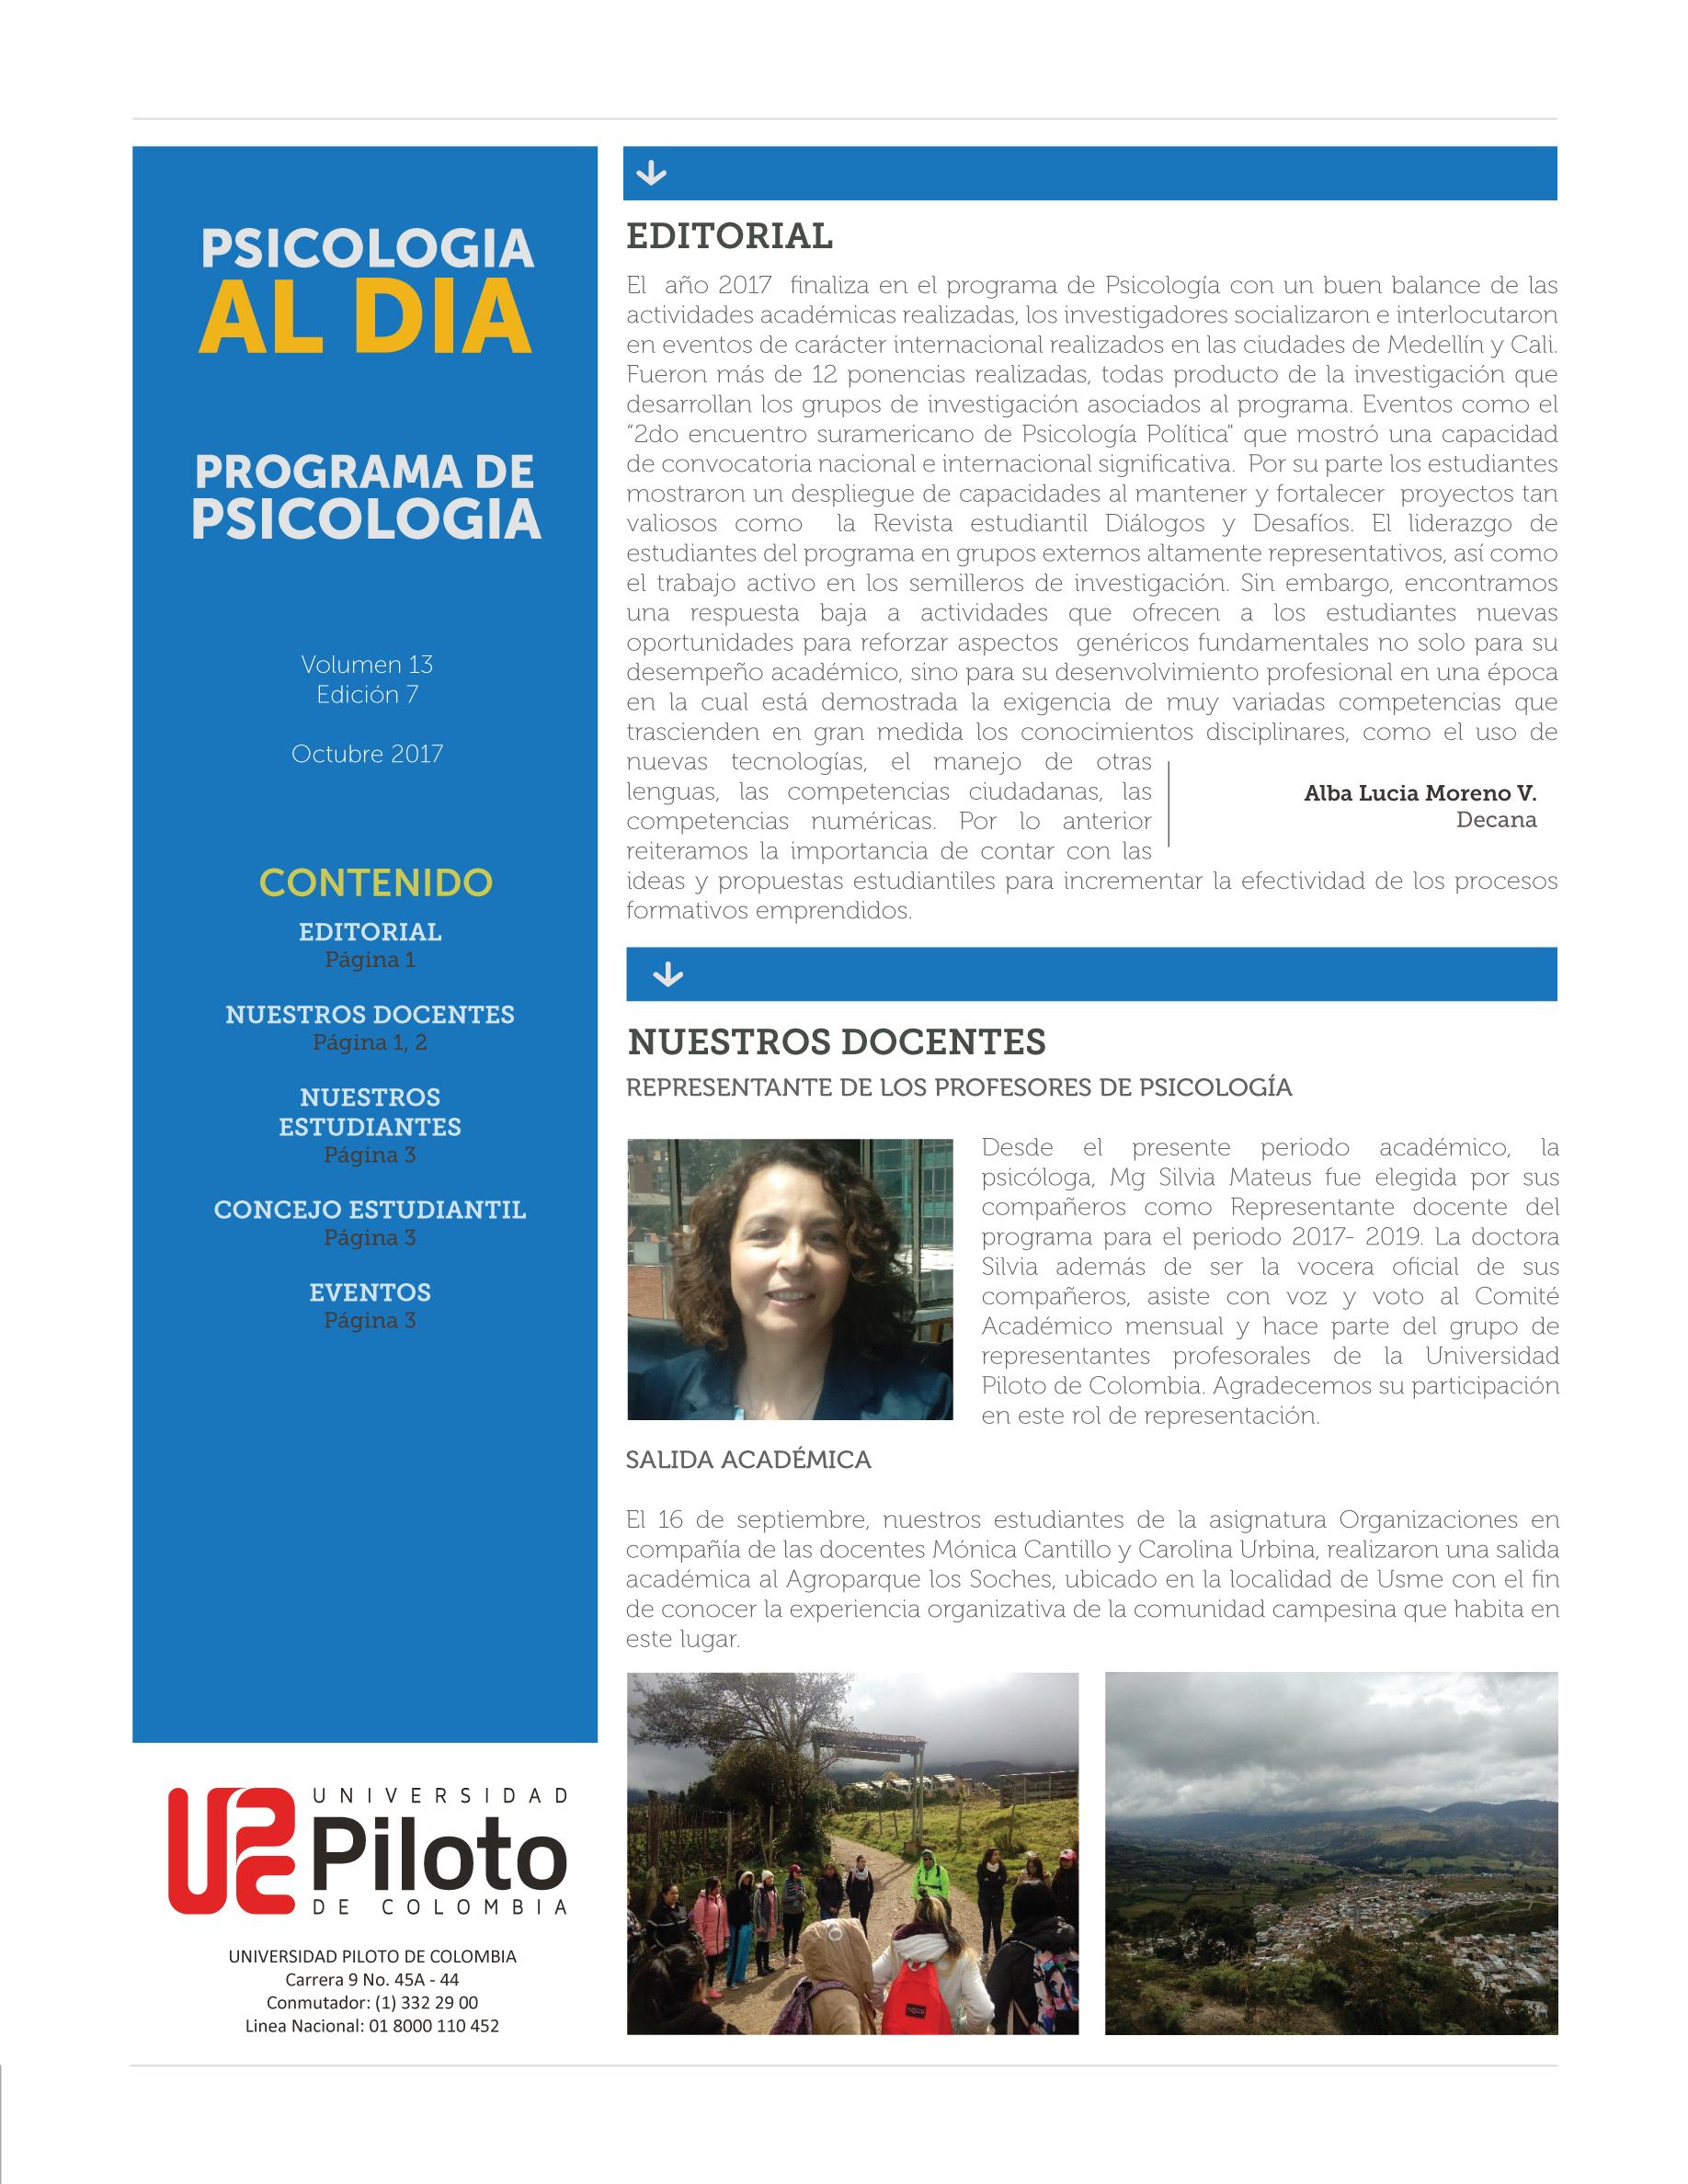 Psicologia-Octubre2017_Pagina1 (1)